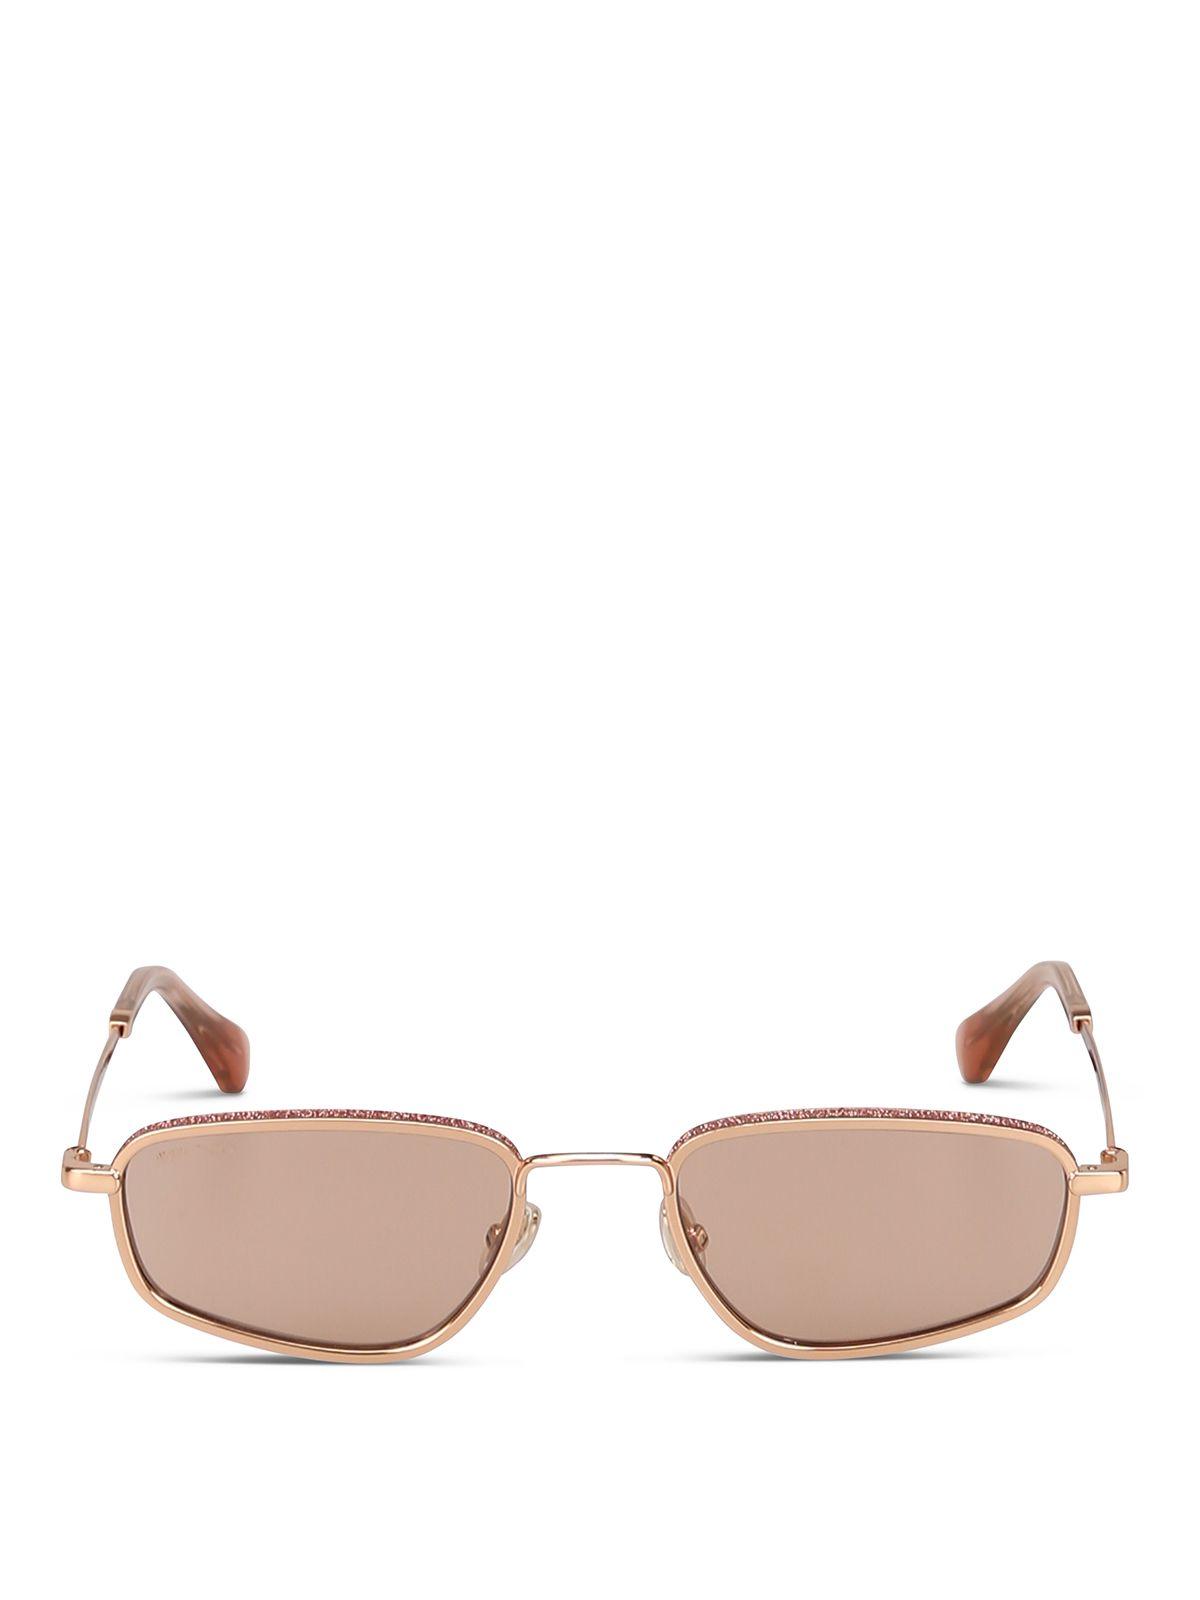 Jimmy Choo Gold Metal Sunglasses